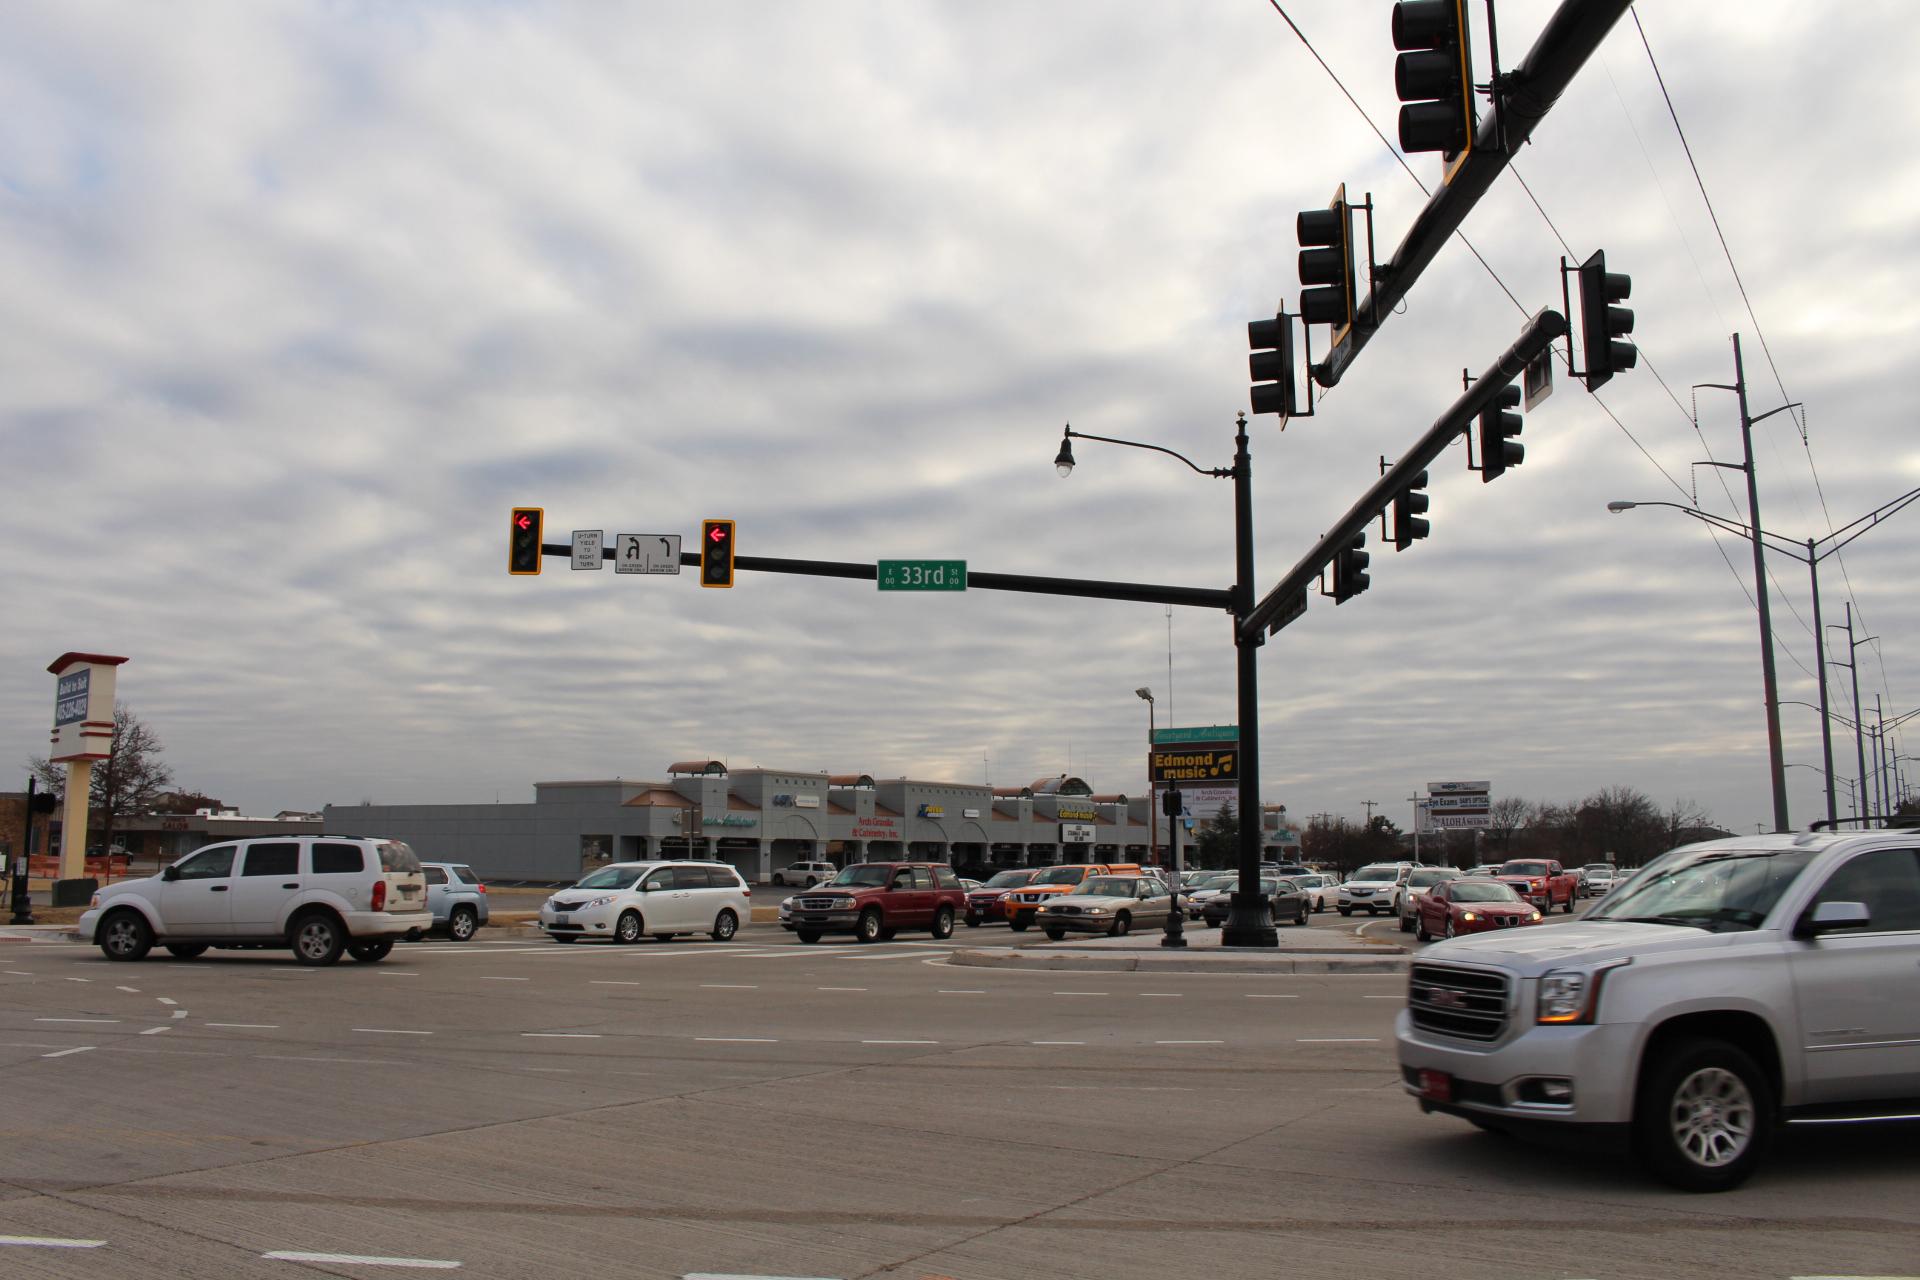 Input Needed on Edmond Traffic Hotspots